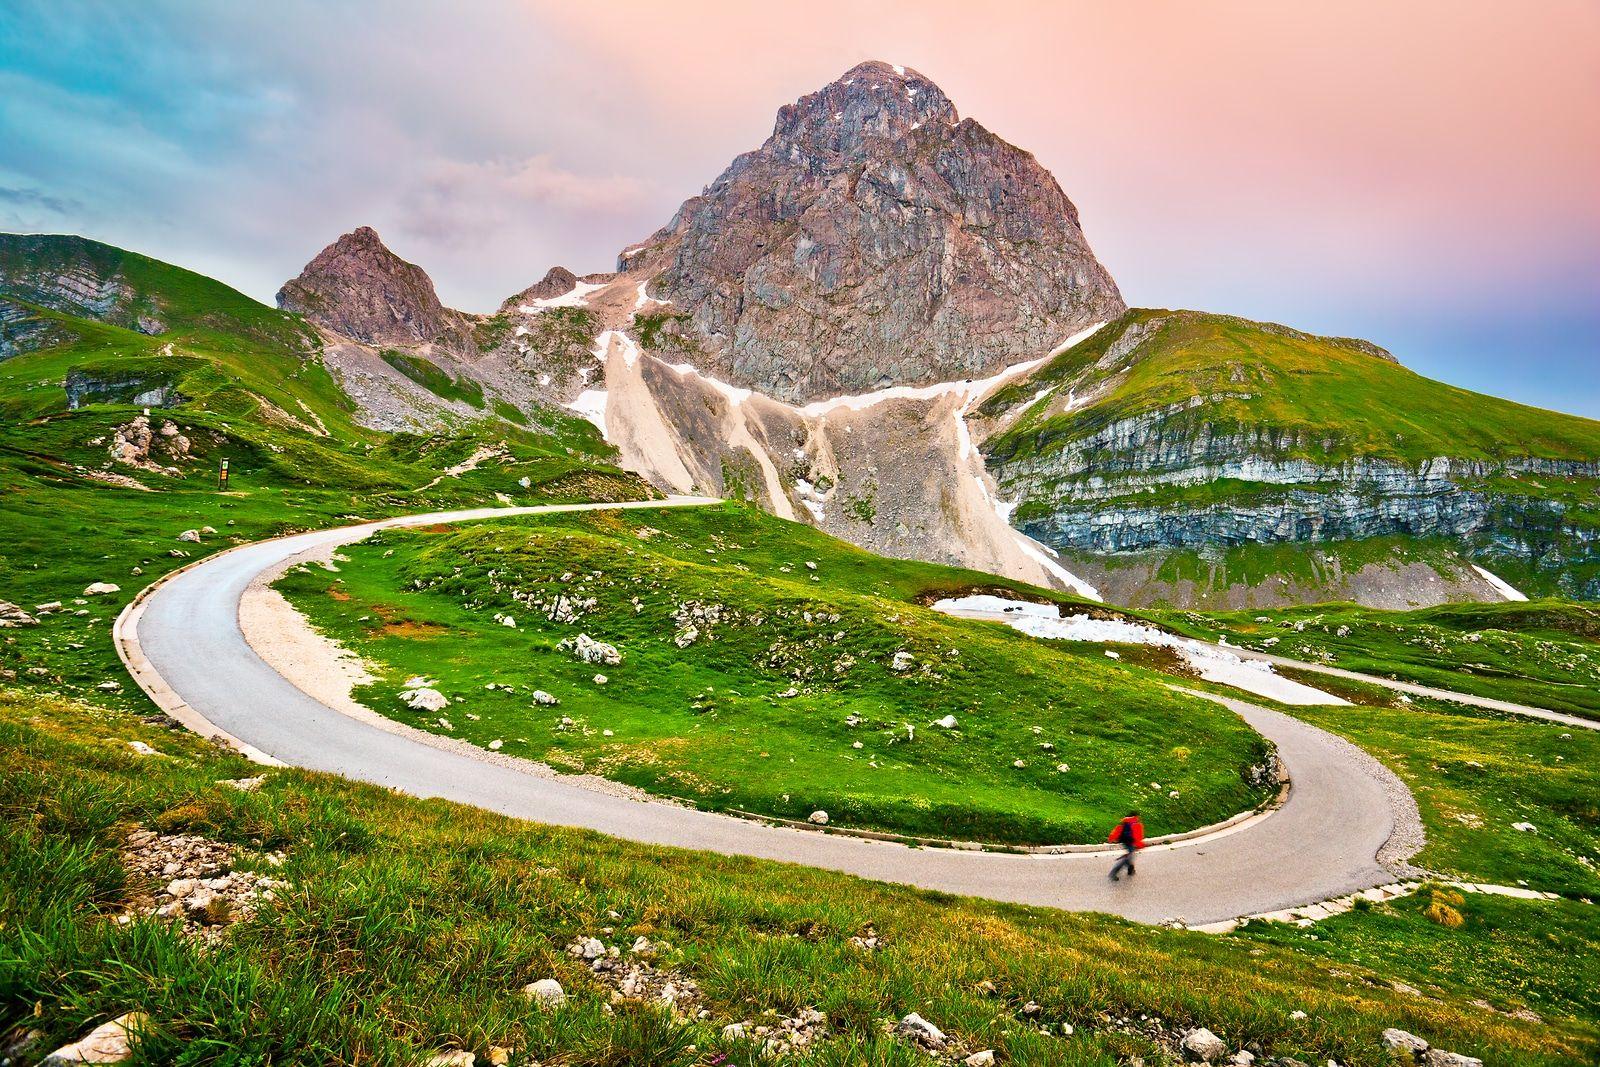 Afbeeldingsresultaat voor slovenia mountain pass